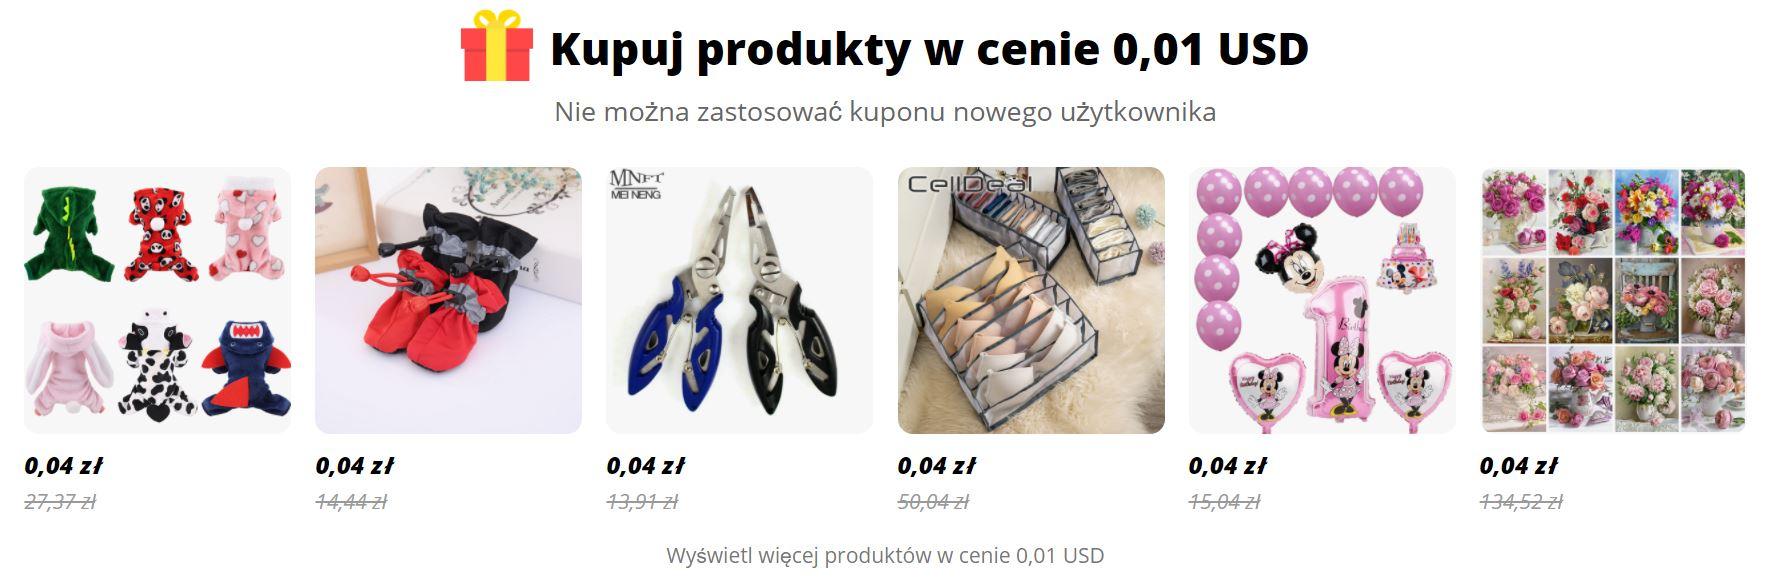 Produkty za $0,01 lub 0,04 zł w Aliexpress dla nowych